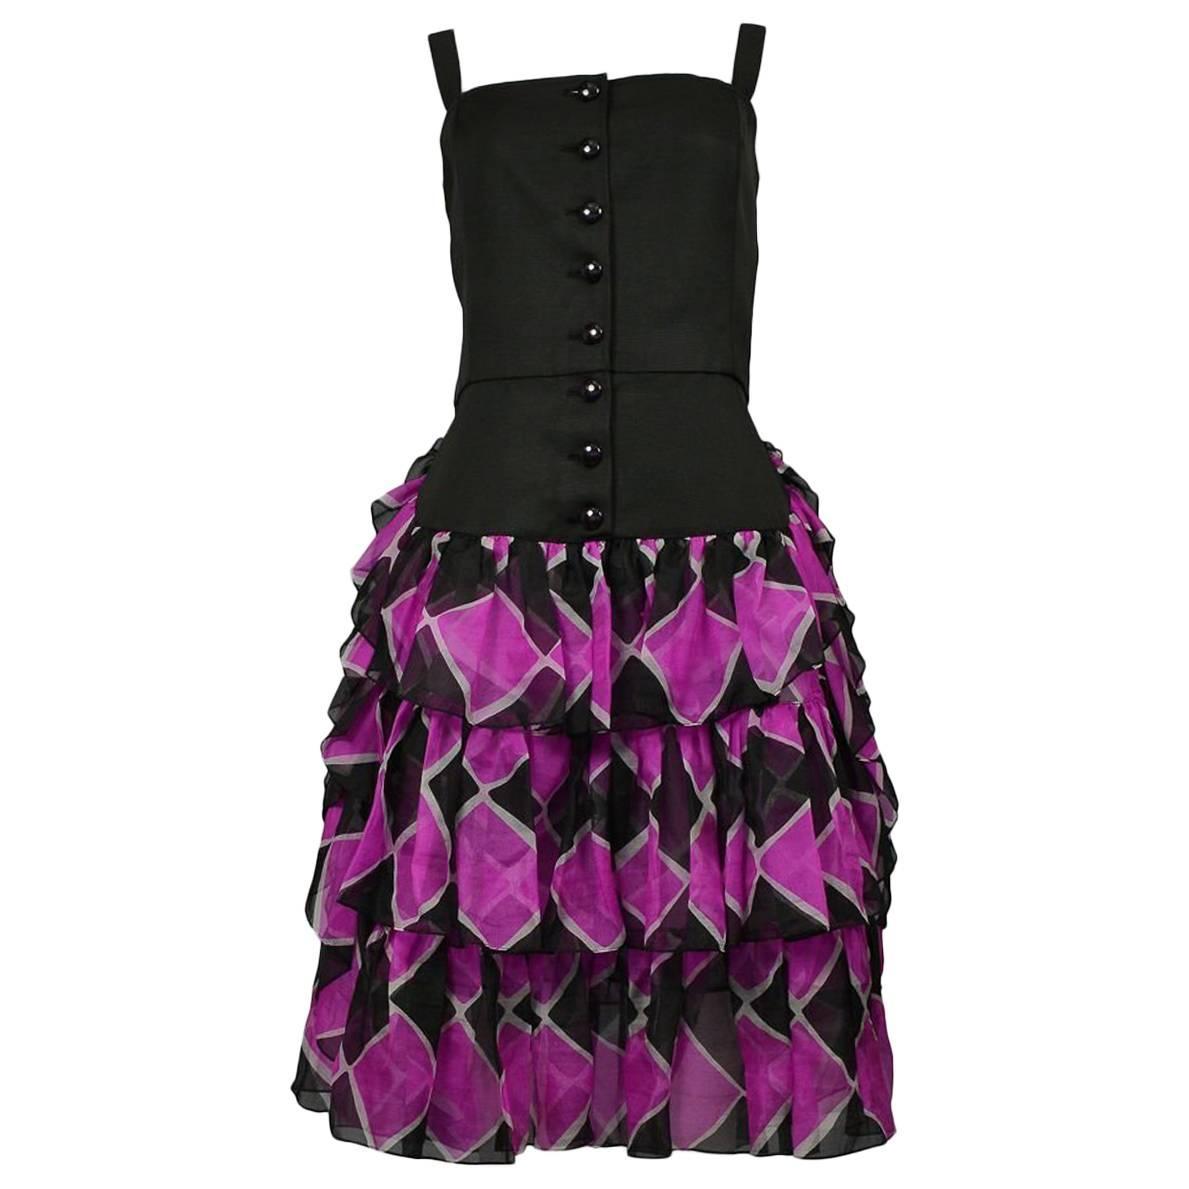 Yves Saint Laurent Harlequin Summer Dress